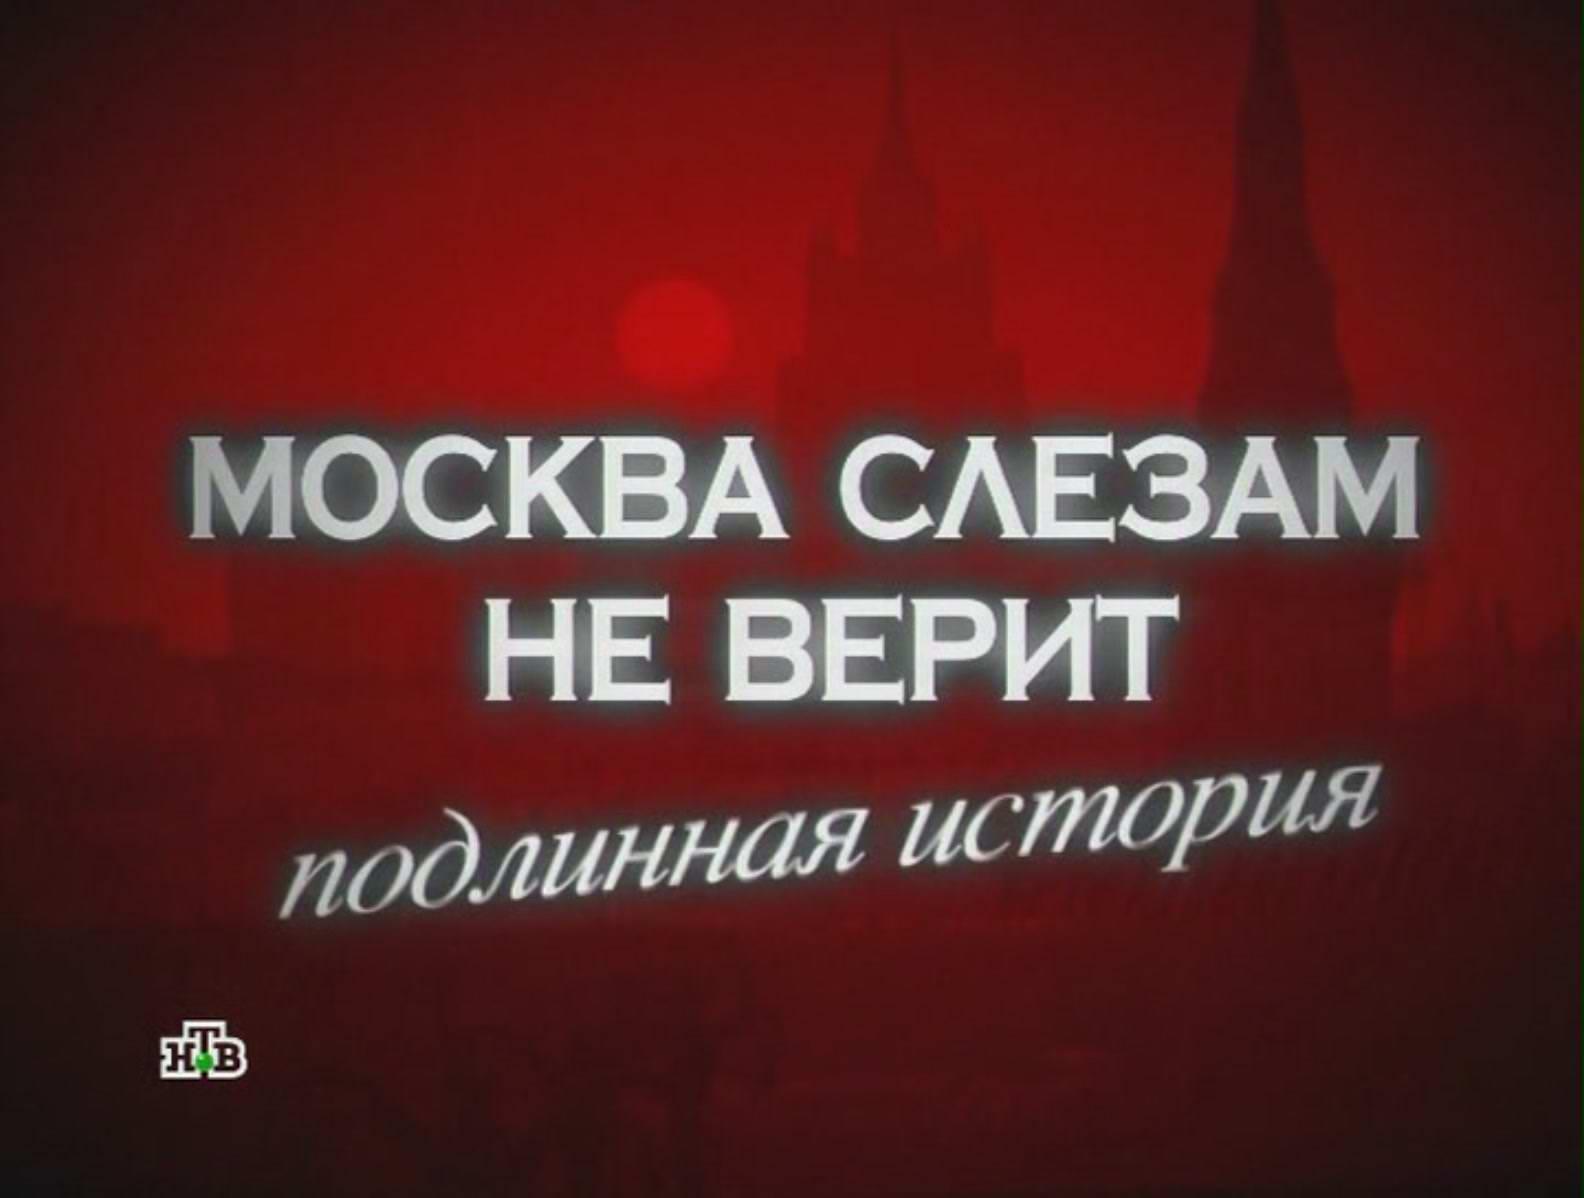 следствие вели с каневским онлайн смотреть: